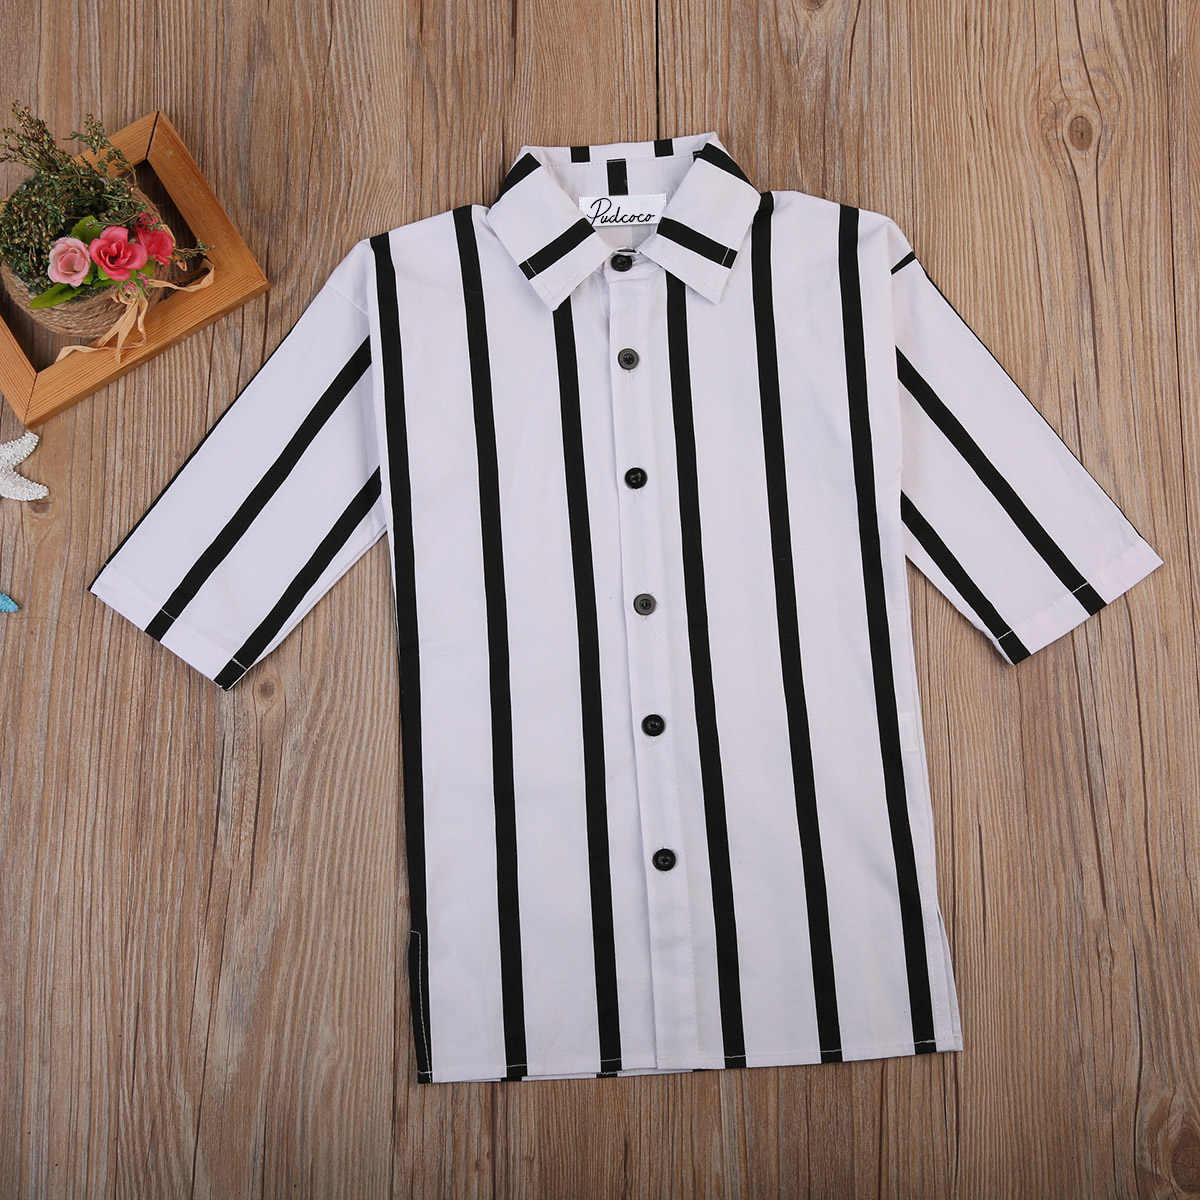 2017 новые повседневные платья-рубашки на пуговицах с длинными рукавами детское платье в полоску для девочек От 1 до 6 лет